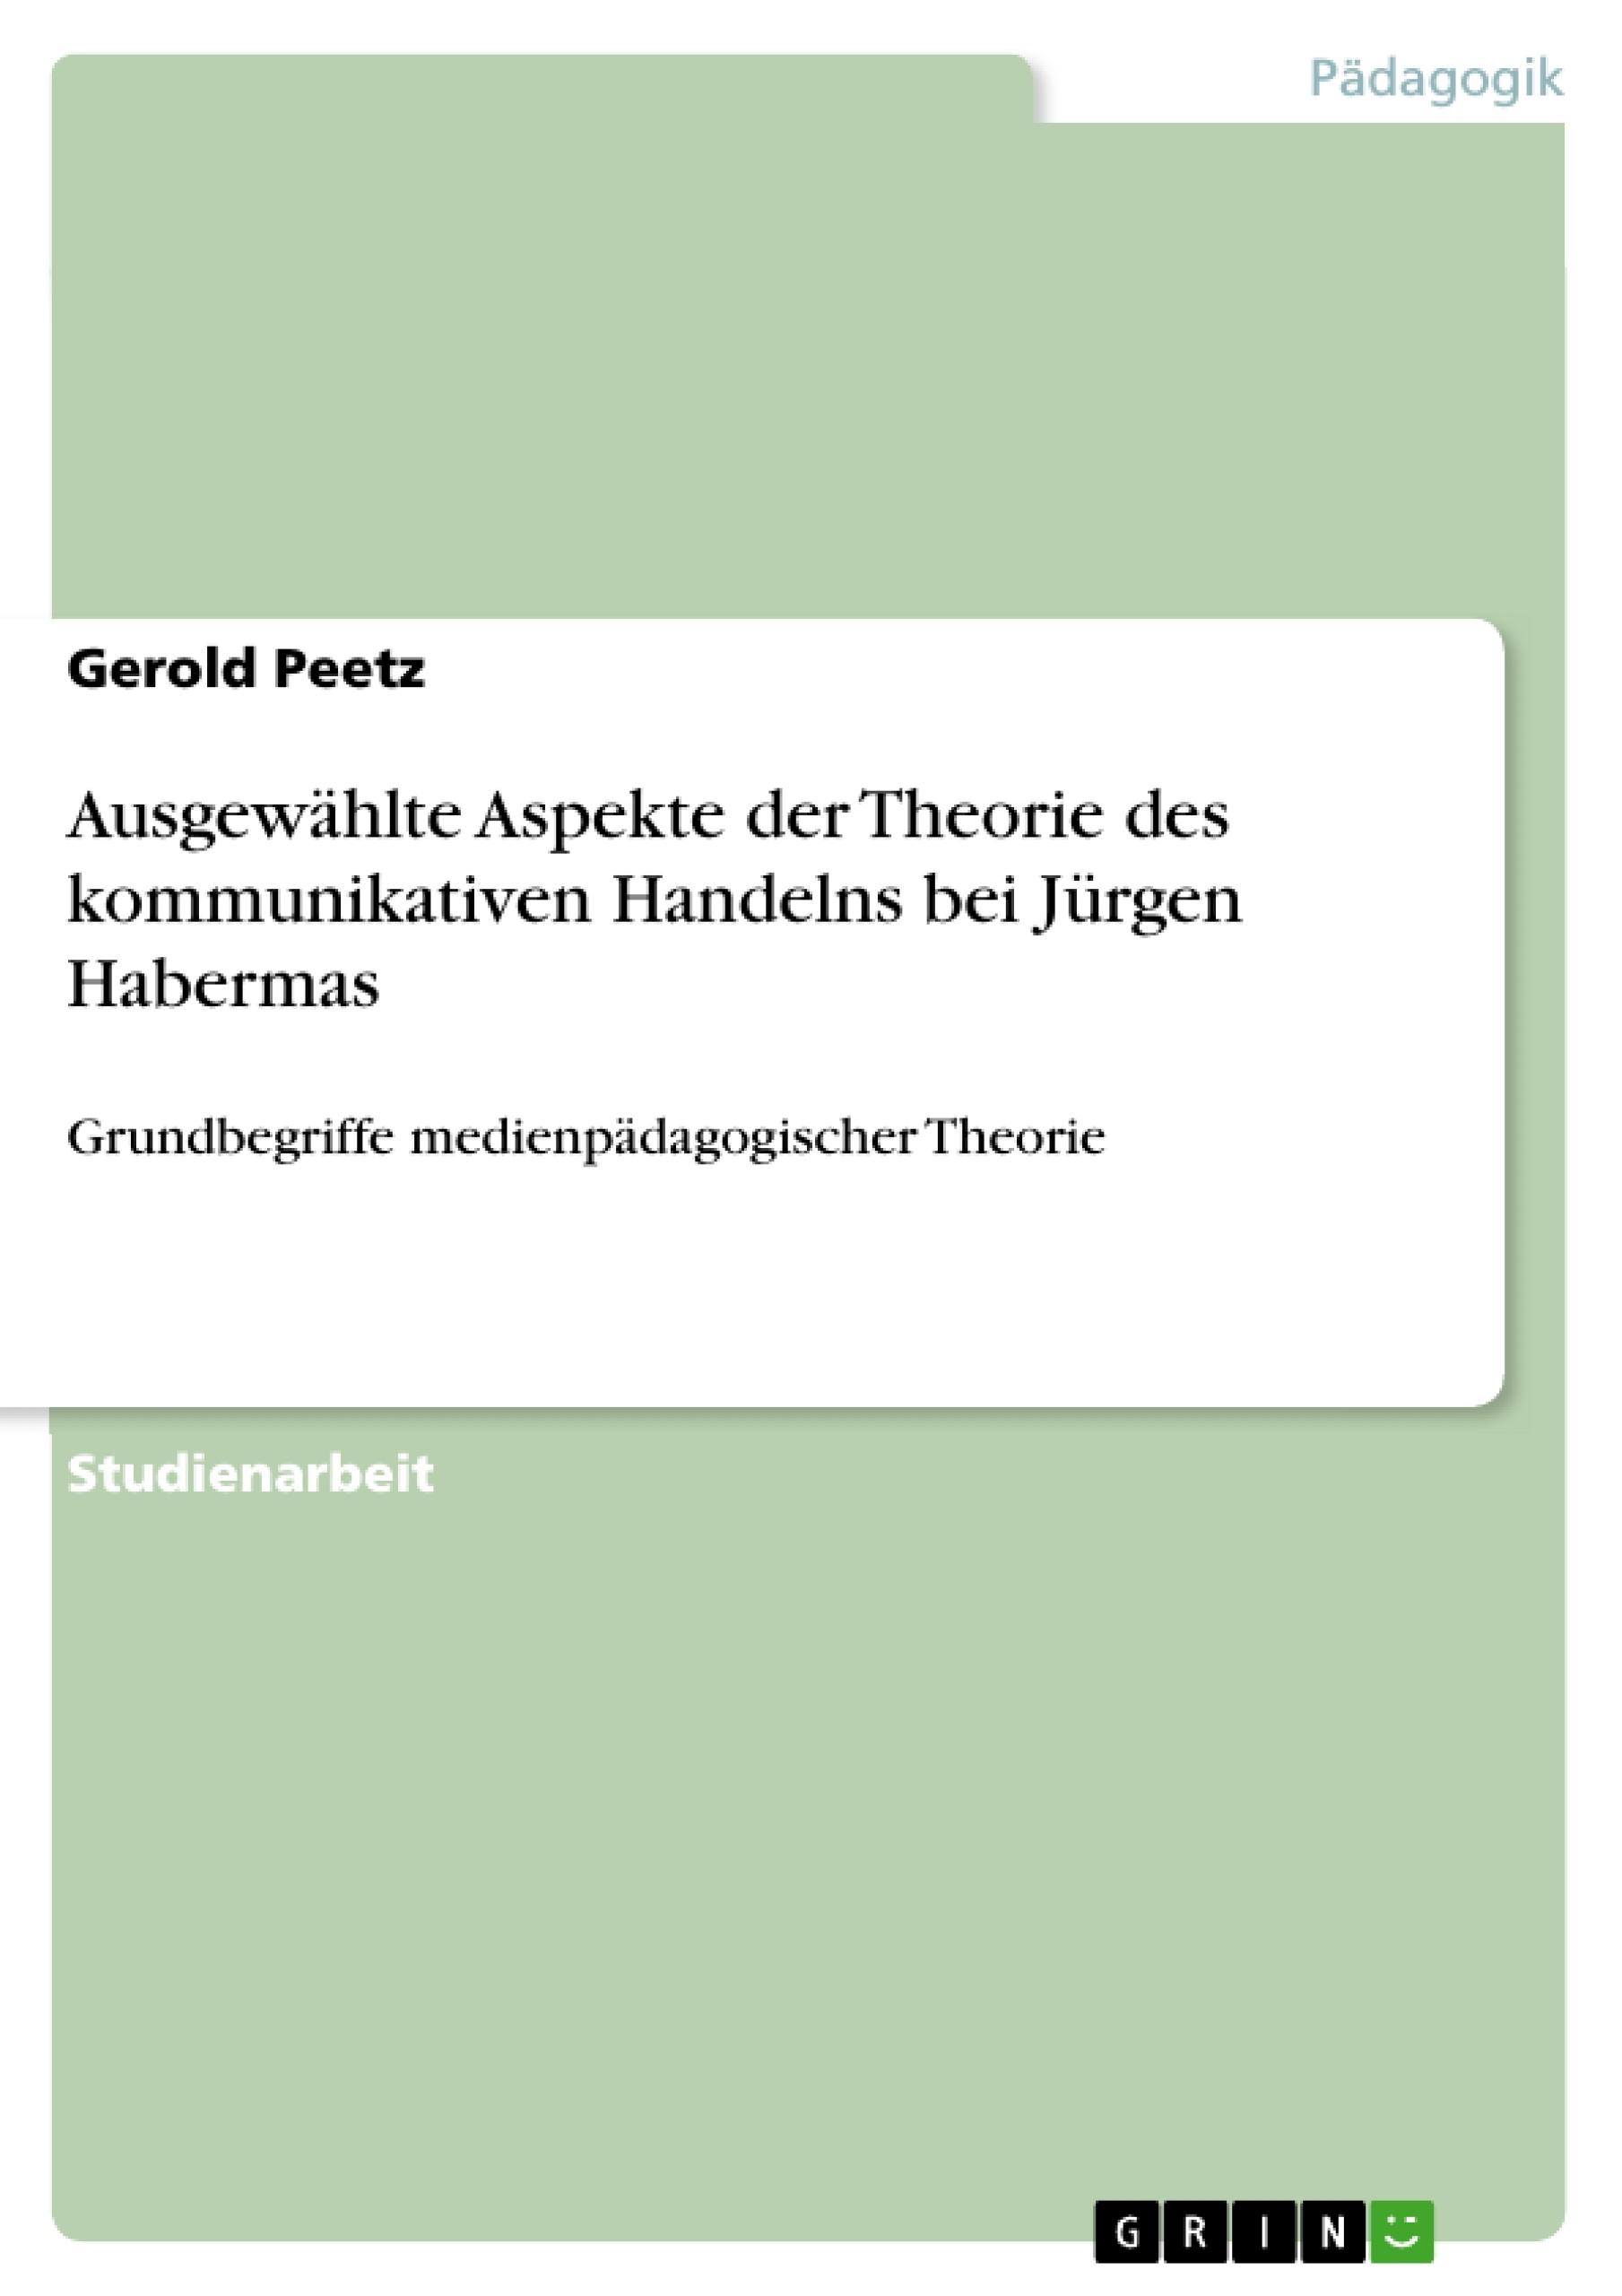 Titel: Ausgewählte Aspekte der Theorie des kommunikativen Handelns bei Jürgen Habermas